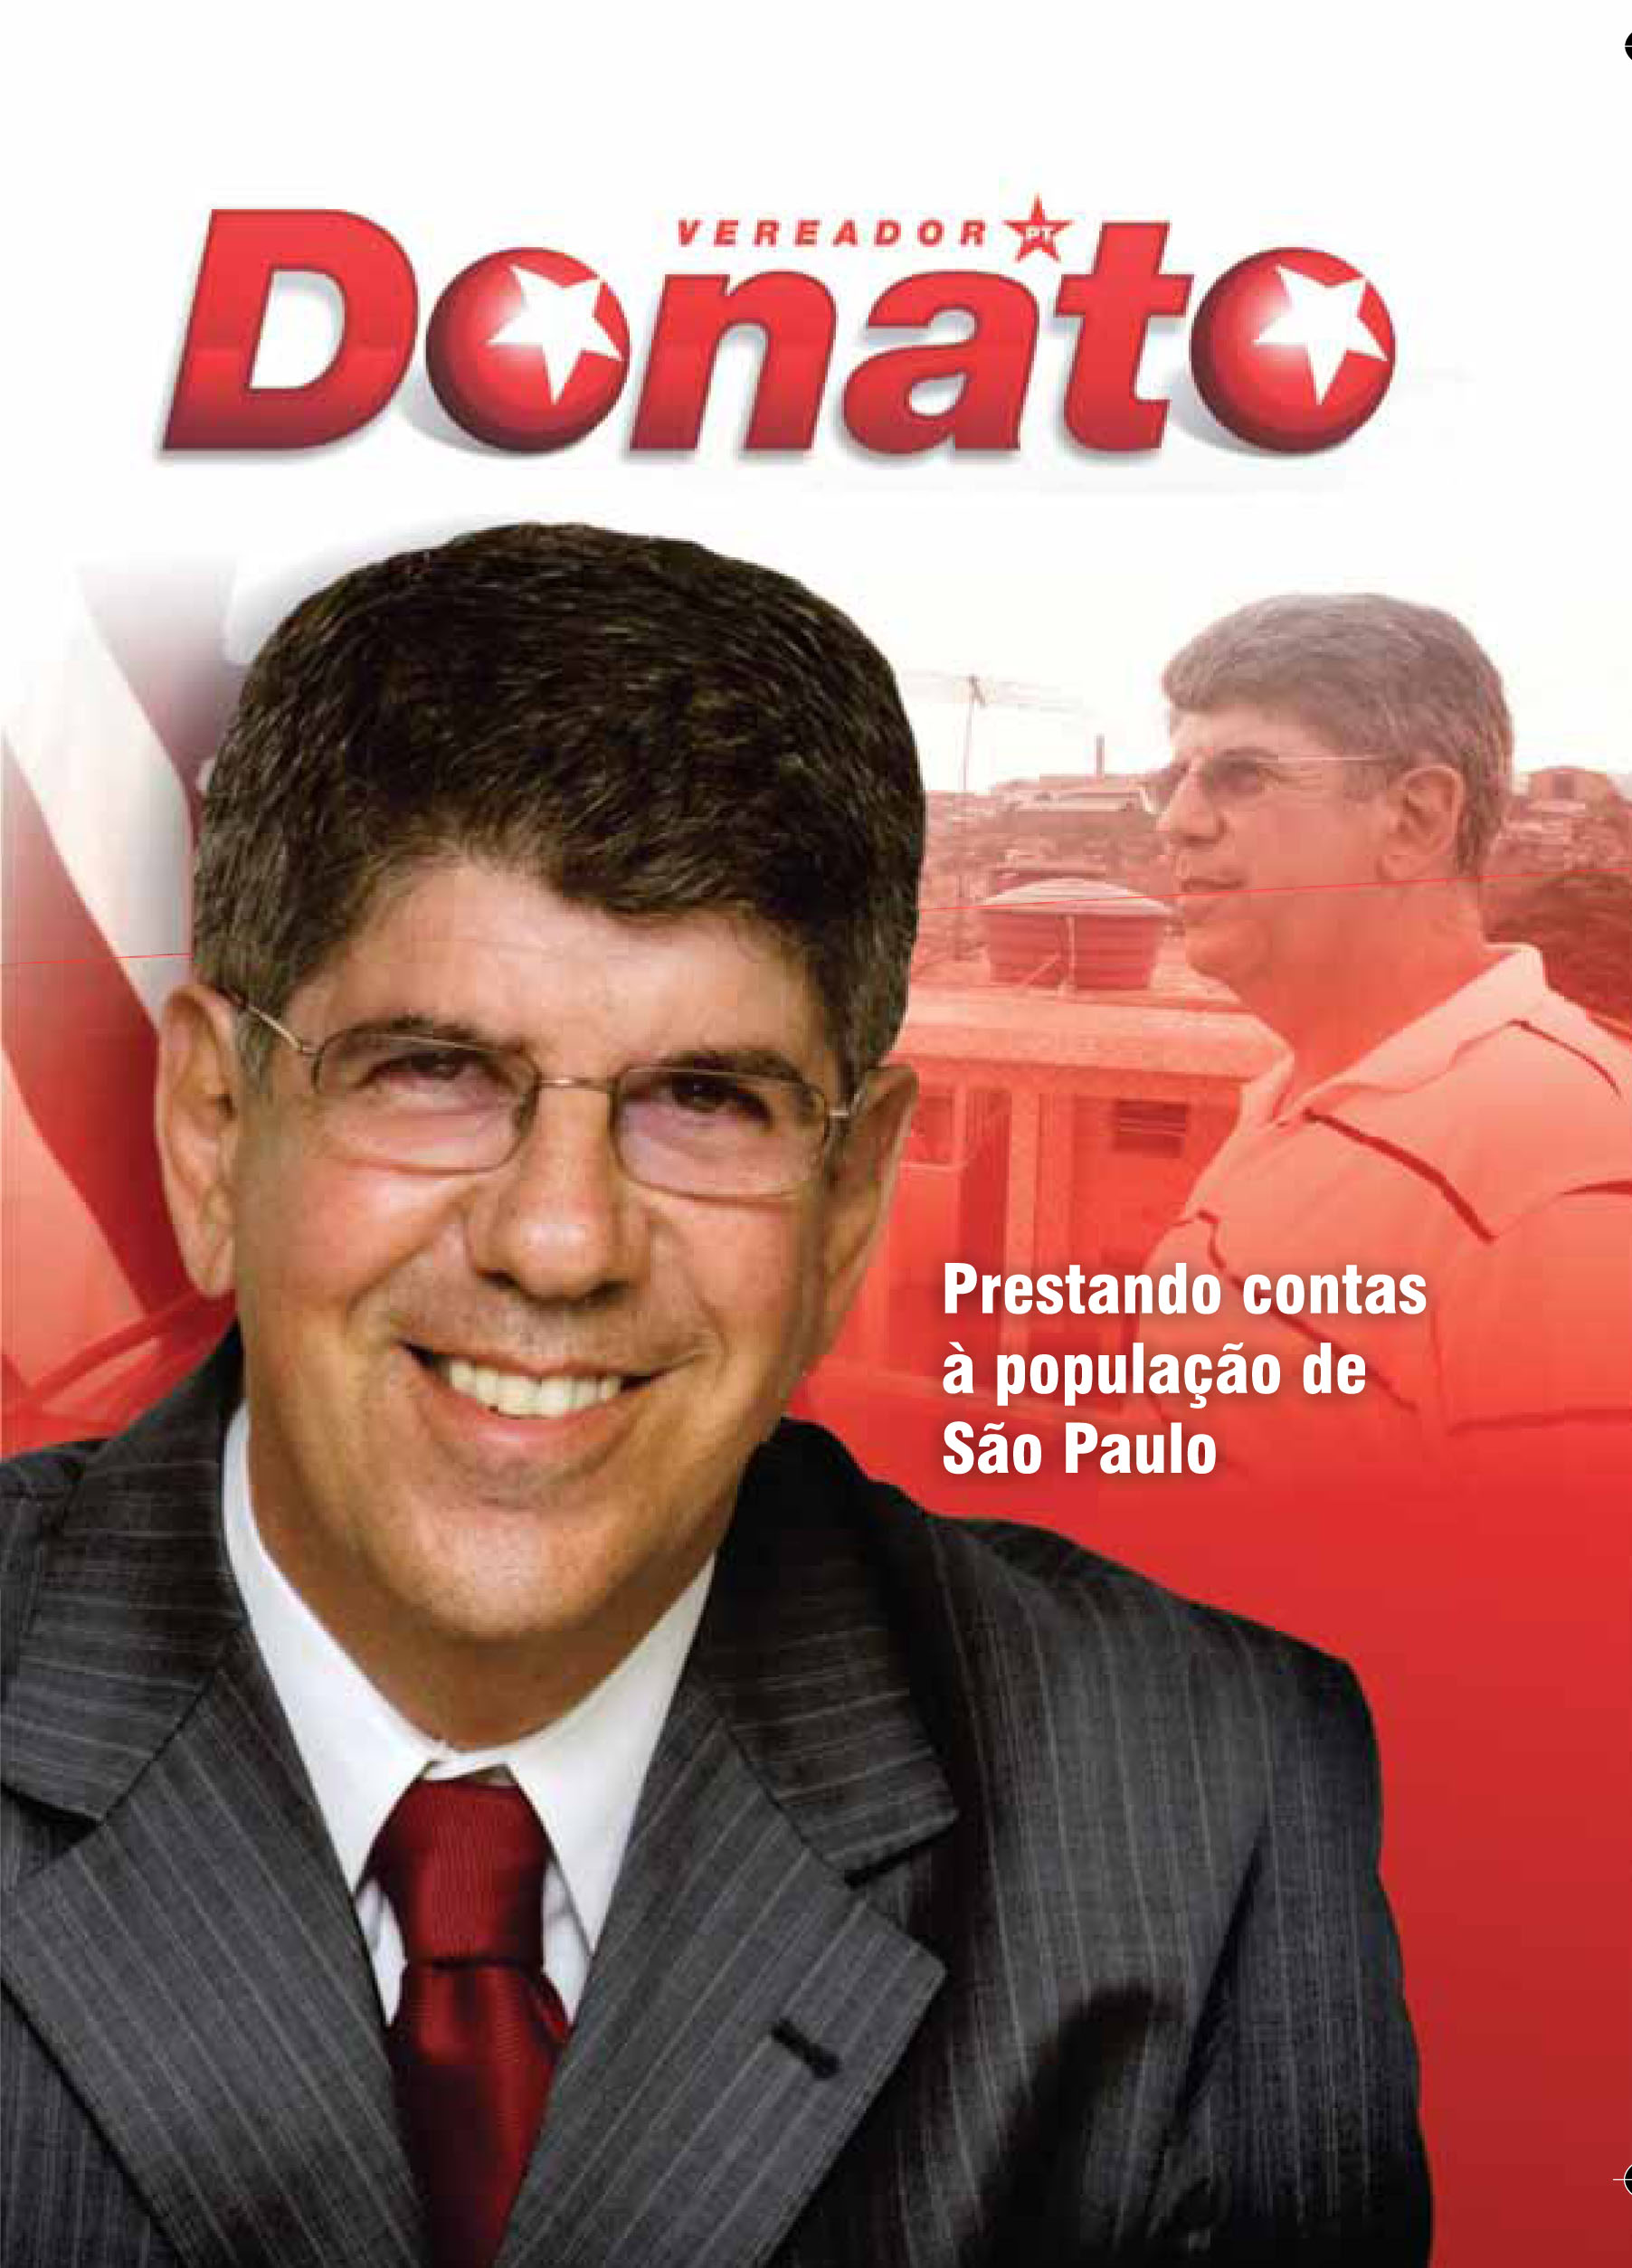 Revista de Prestação de Contas do Vereador Donato